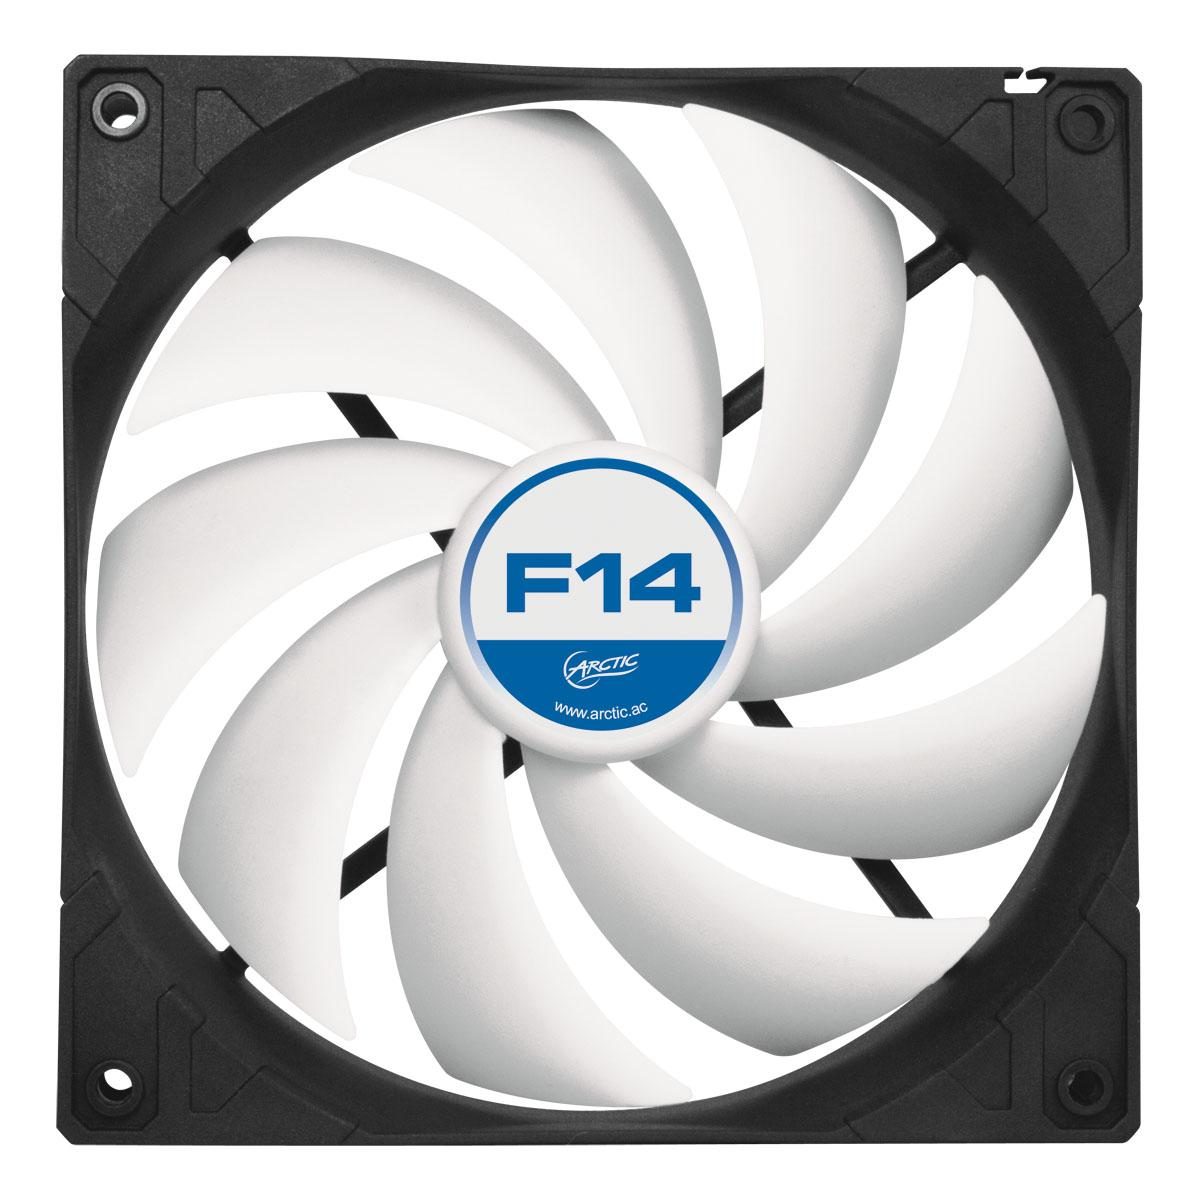 ARCTIC F14 Case Fan - 140mm low noise